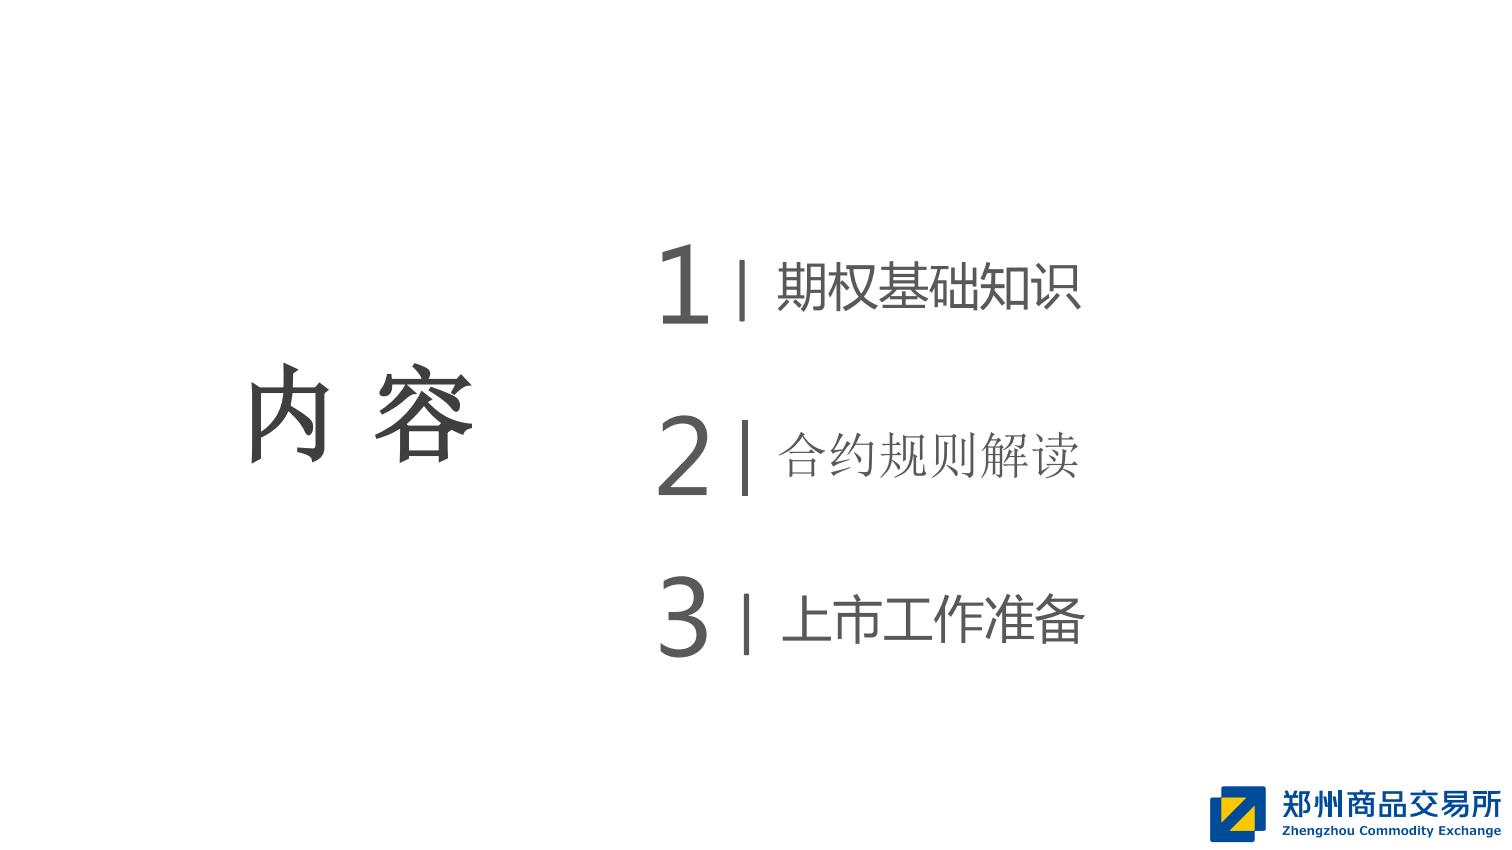 晨会:郑商所培训分享-棉花期权合约规则与上市工作安排0111.pdfx_01.png